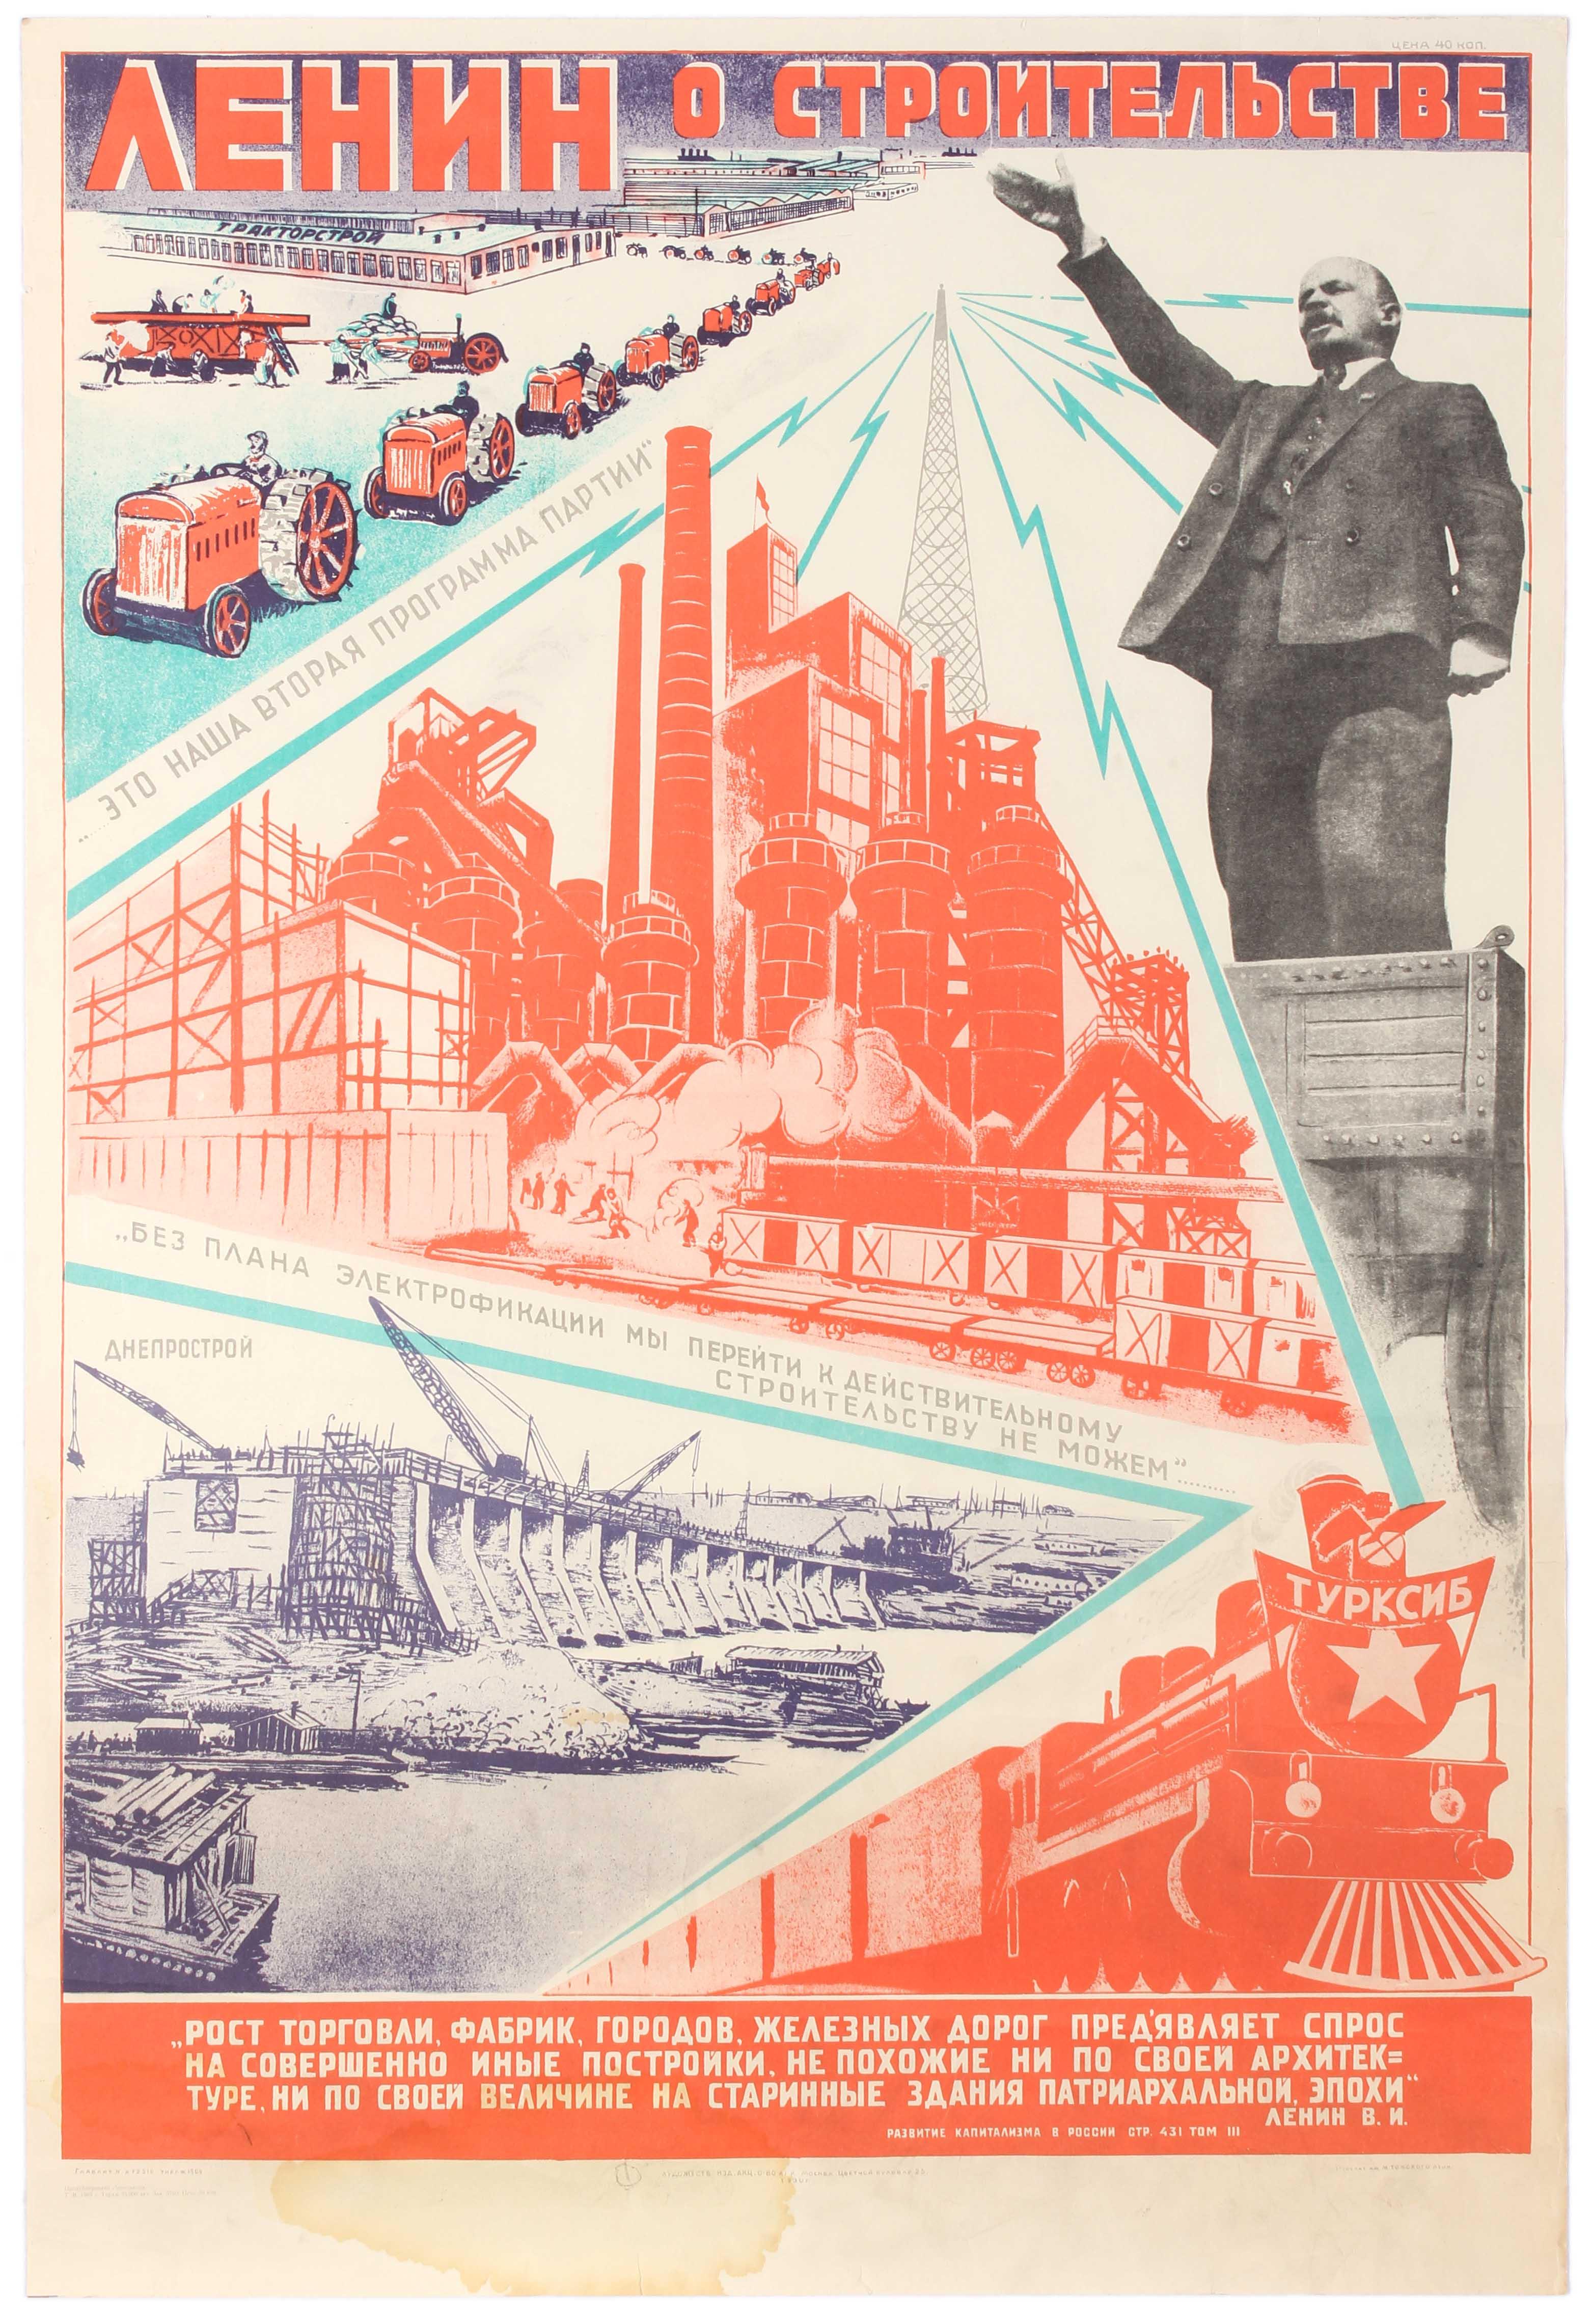 Lot 45 - Propaganda Poster USSR Lenin Constructivism Russia